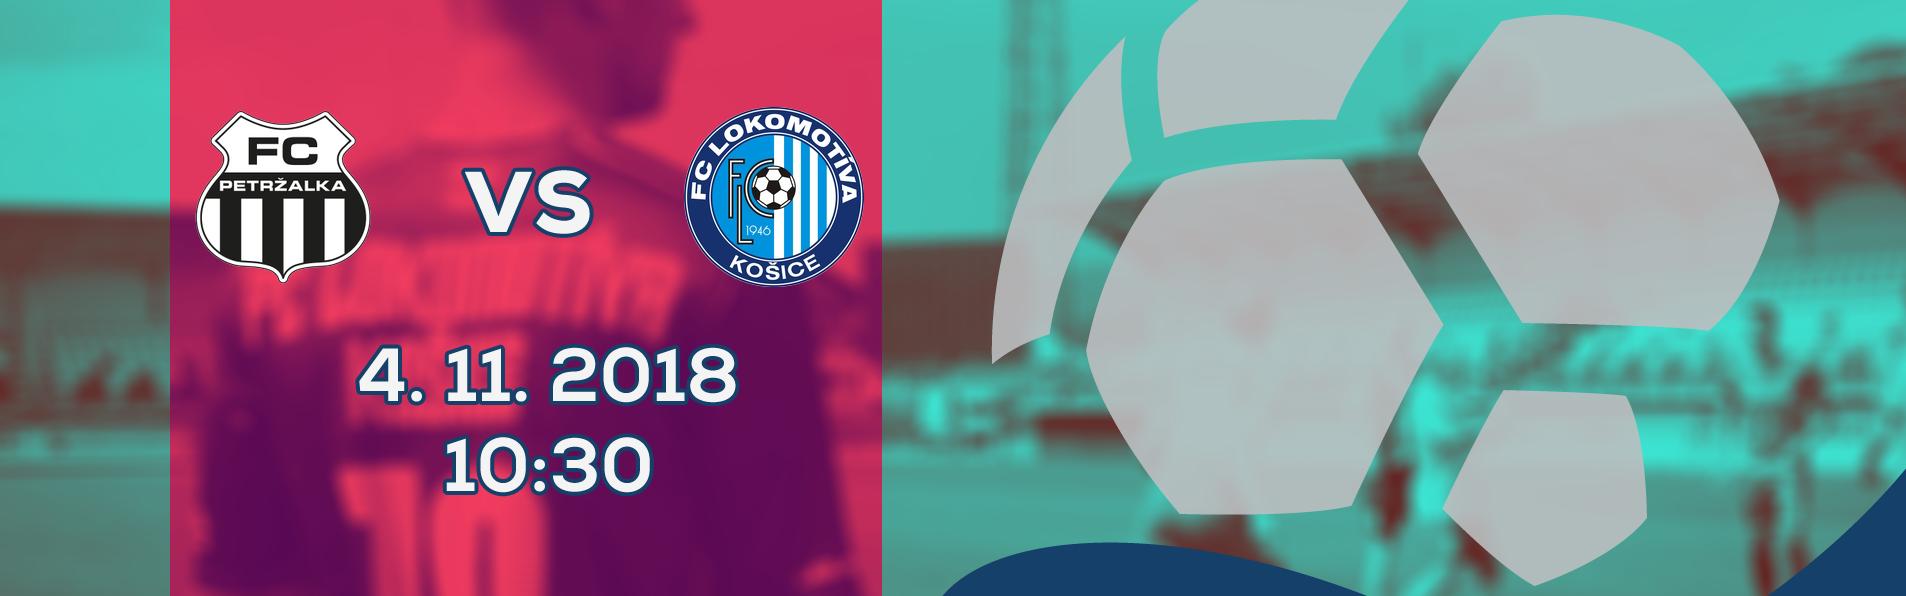 LIVE: 2. LIGA: 4. NOVEMBRA 2018, 10:30 FC PETRŽALKA – FC LOKOMOTÍVA KOŠICE